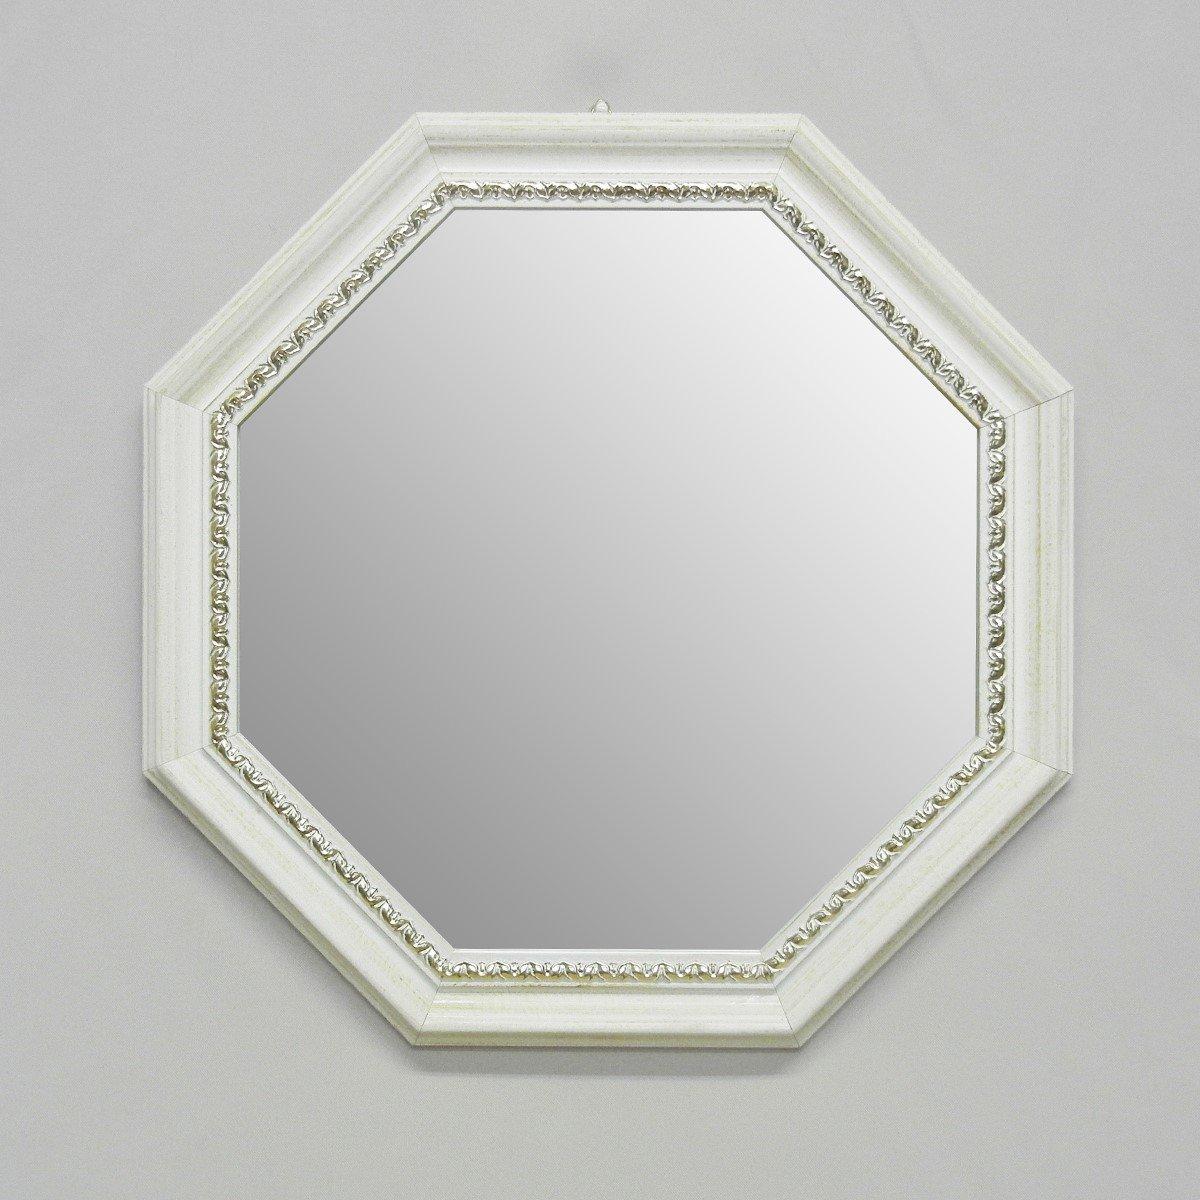 【イタリア製壁掛けミラー】 アンティーク調 八角形アイボリー&ゴールド 37X37cm 21-7742 B07BBB9F73アイボリー&ゴールド 37X37cm